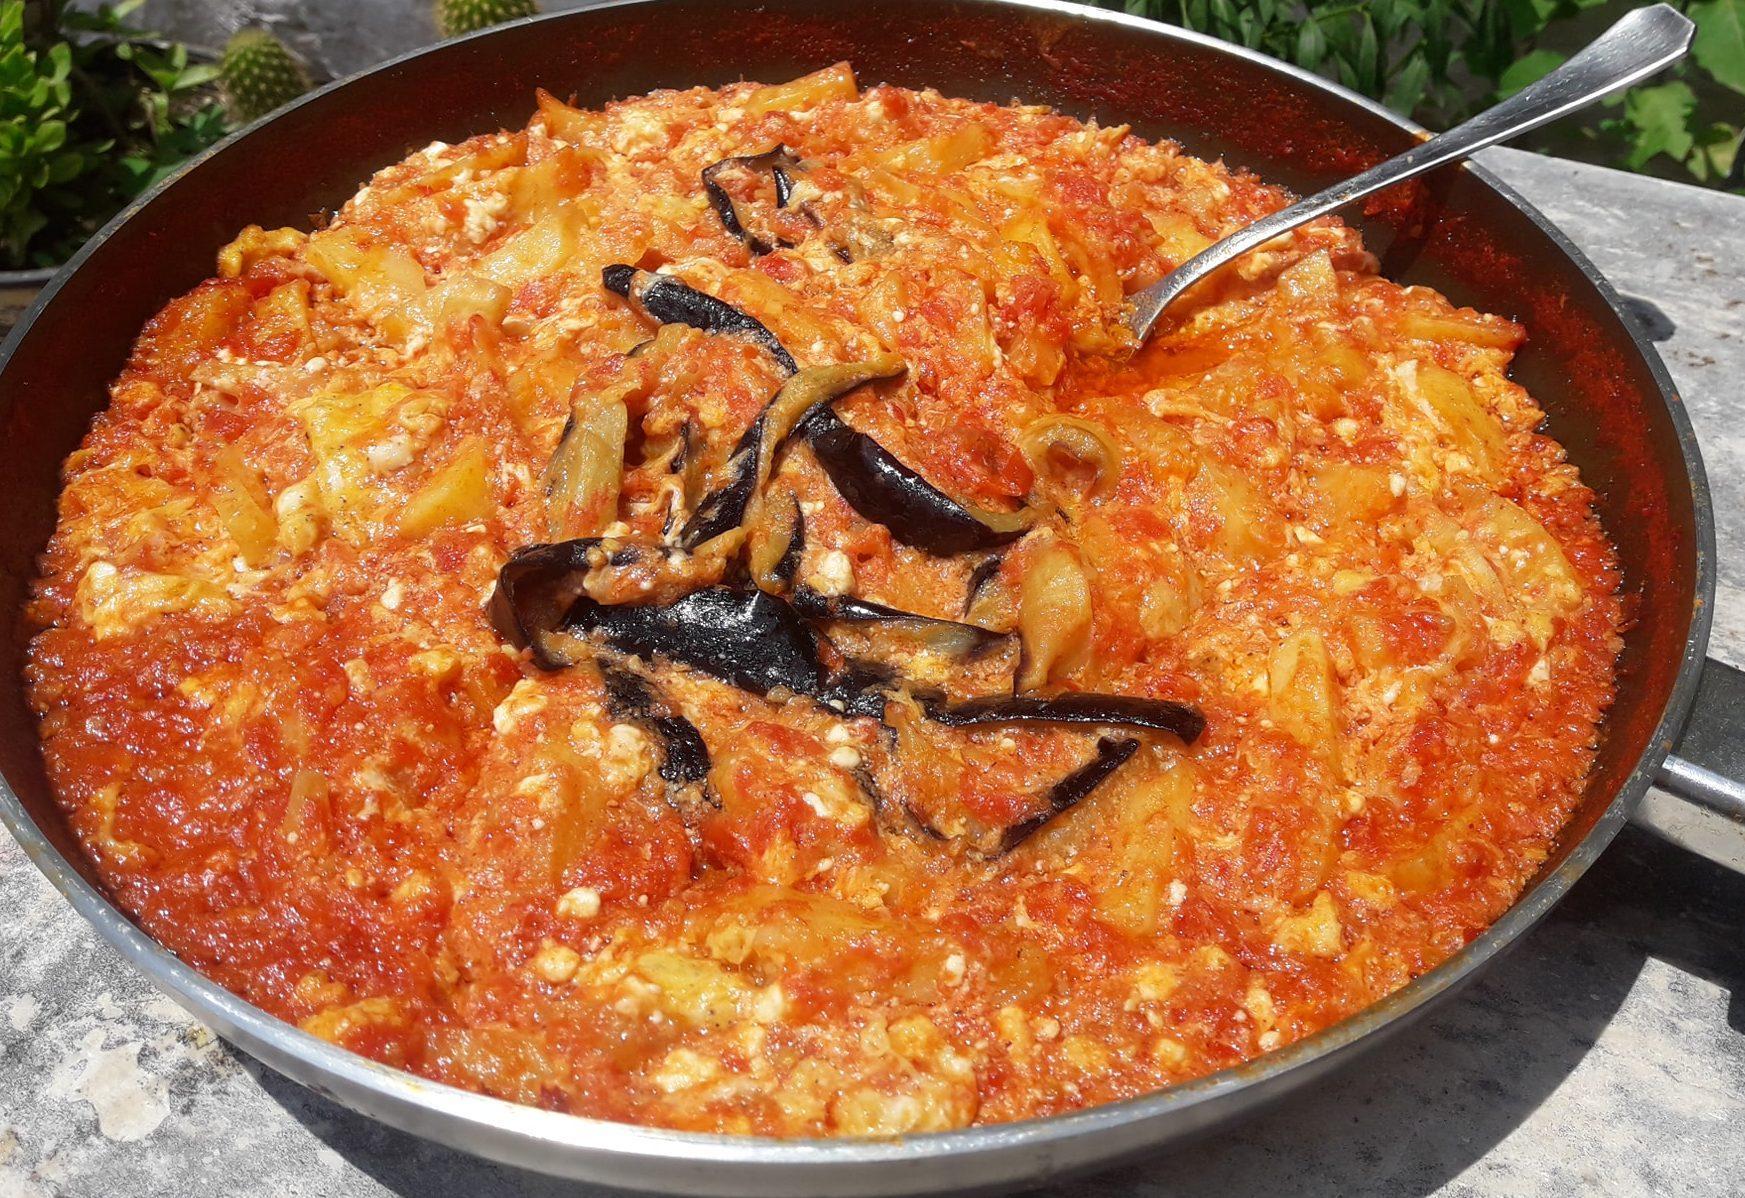 Καγιανας με μελιτζανες: Εναλλακτική παραδοσιακή συνταγή για στραπατσάδα!